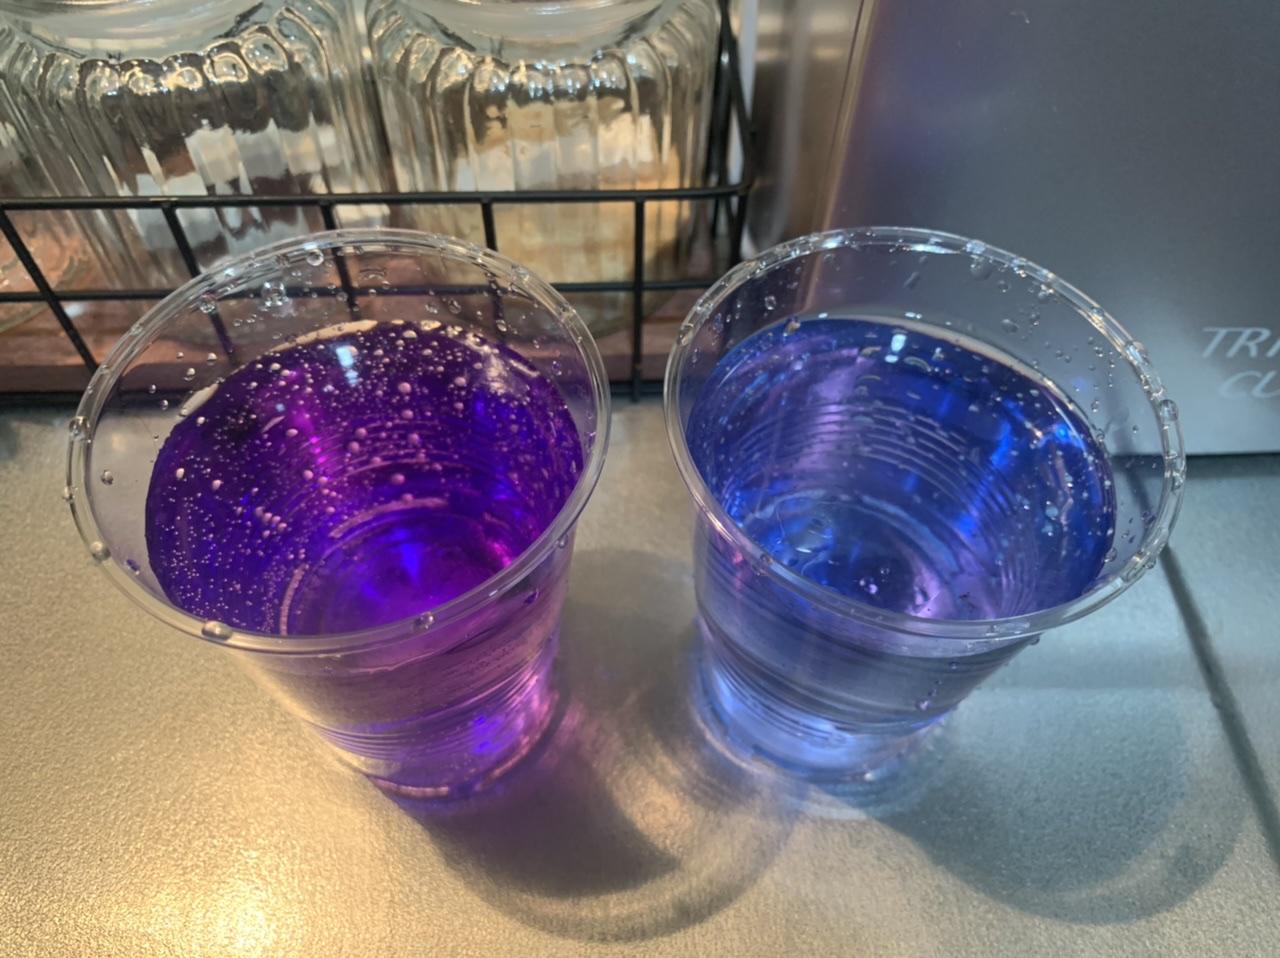 毎日飲む水を変えて簡単高コスパ腸活♡見た目もかわいいおすすめ整水器_4